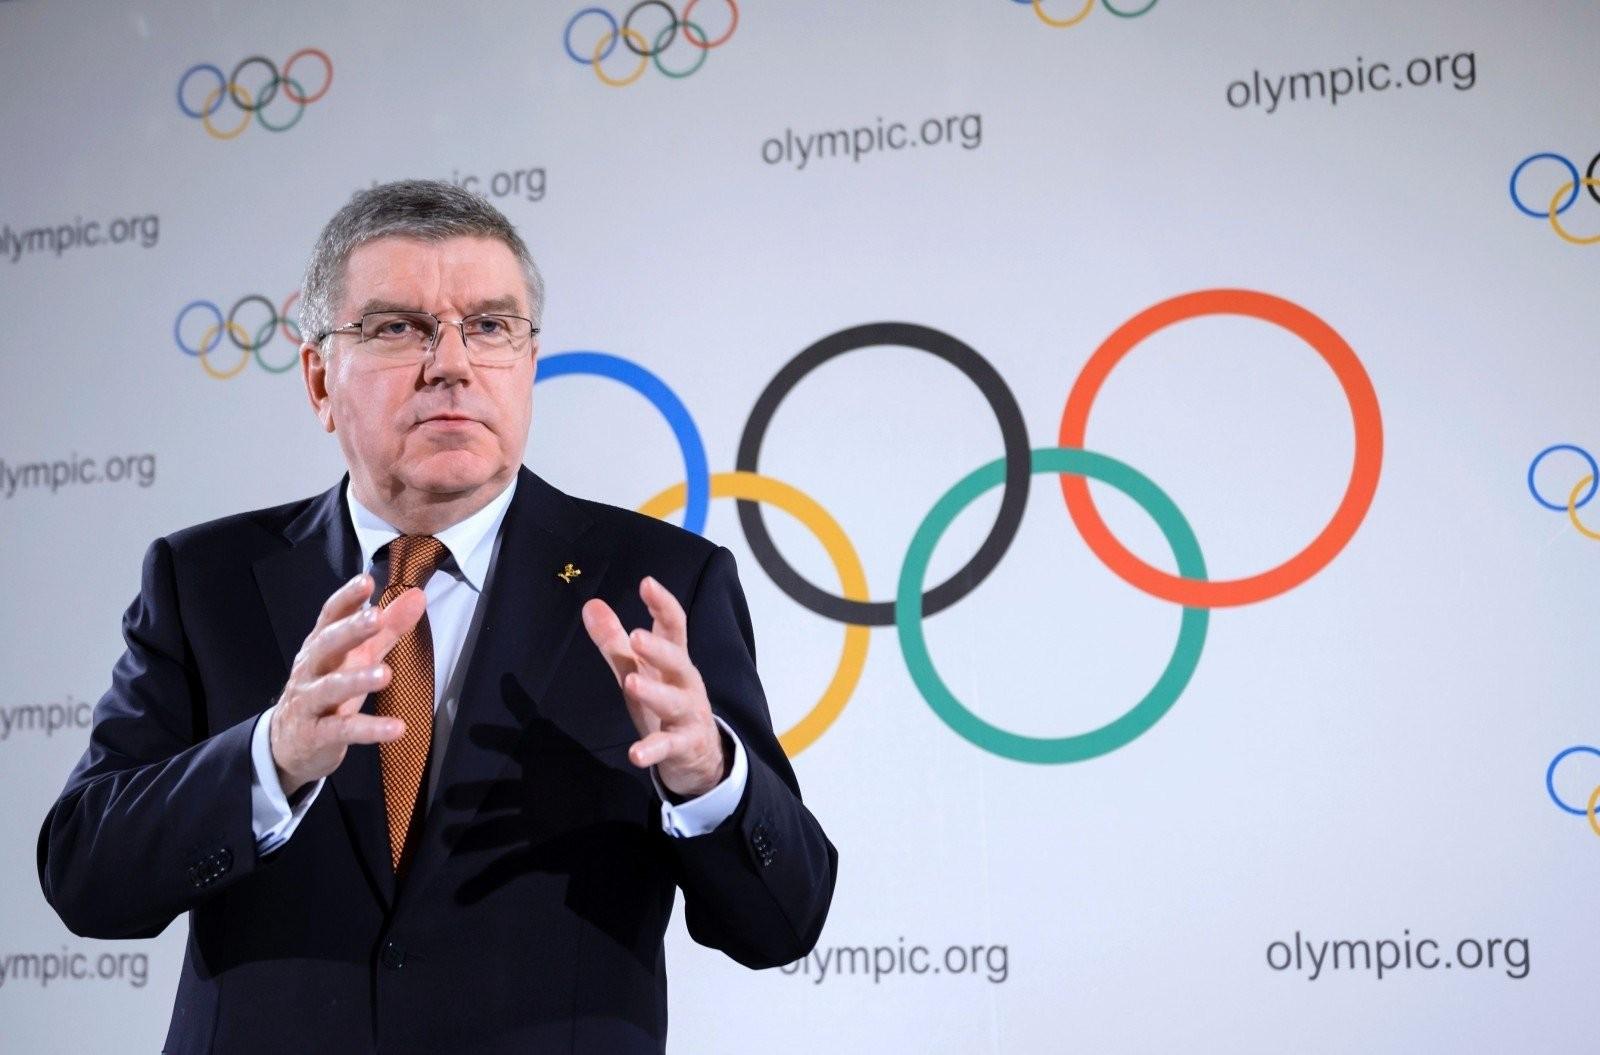 Мы услыхали предложение Томаса Баха опересмотре антидопинговой политики— руководитель WADA